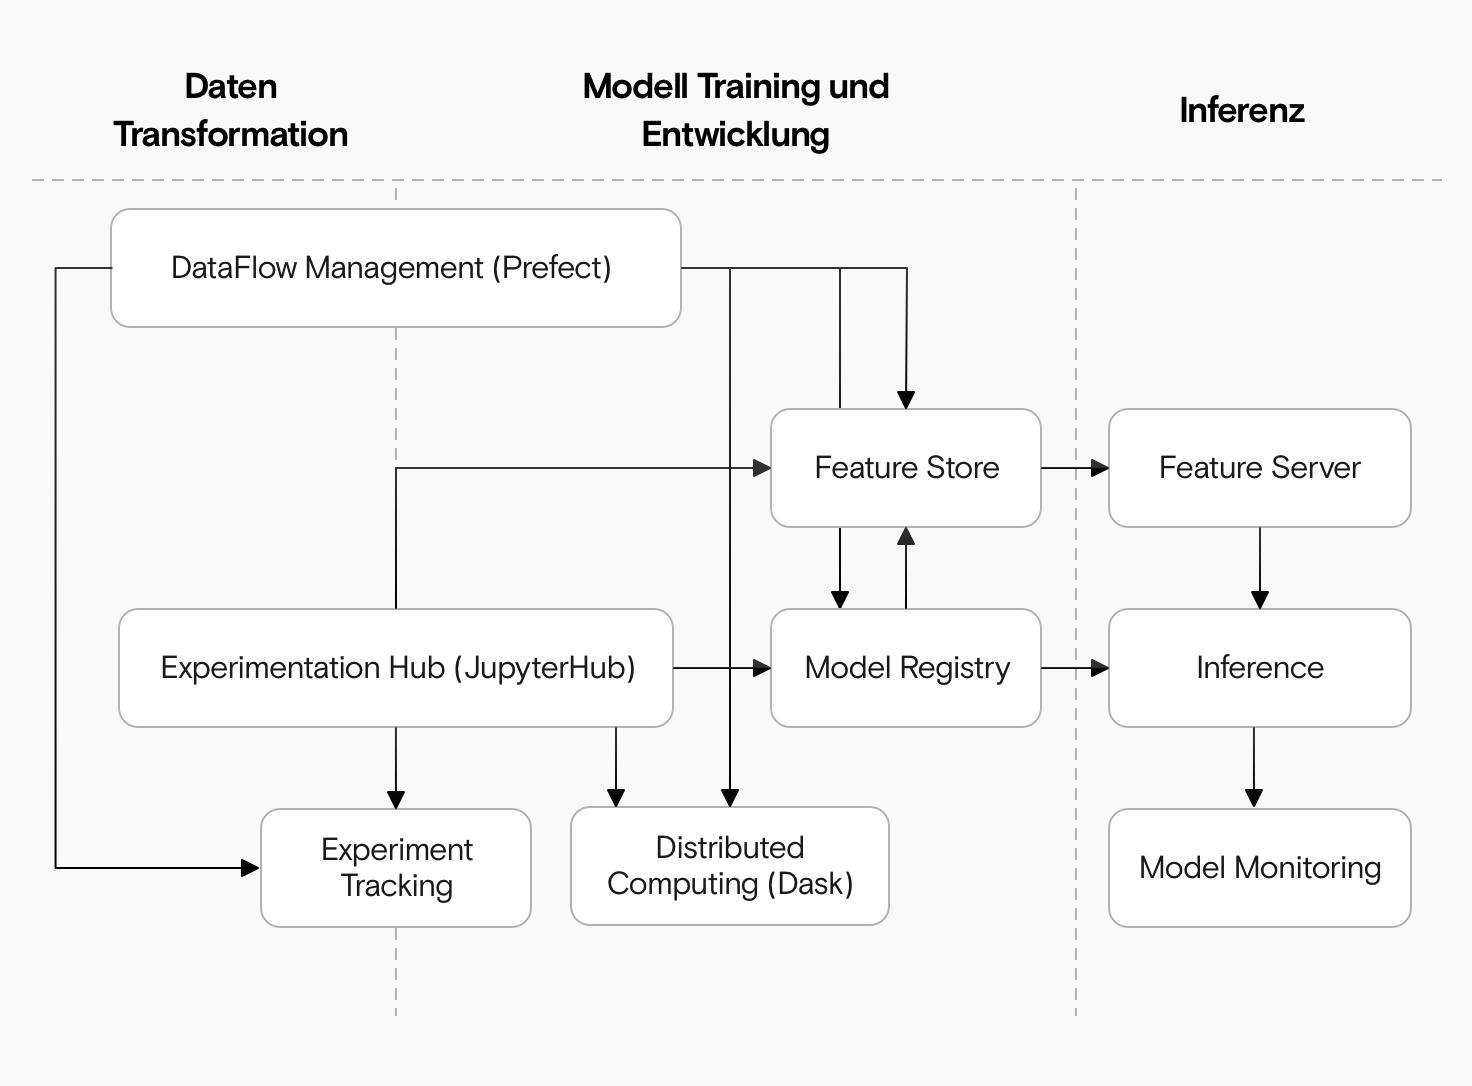 Ein Diagramm, das drei Säulen (Datentransformation, Modell-Training und -Entwicklung und Modell-Inferenz) mit mehreren Komponenten (Dataflow Management, Feature Store, Feature Server, Inferenz und Modell-Monitoring, Experimentation Hub, Experiment Tracking, Distributed Computing Model Registry) zeigt.